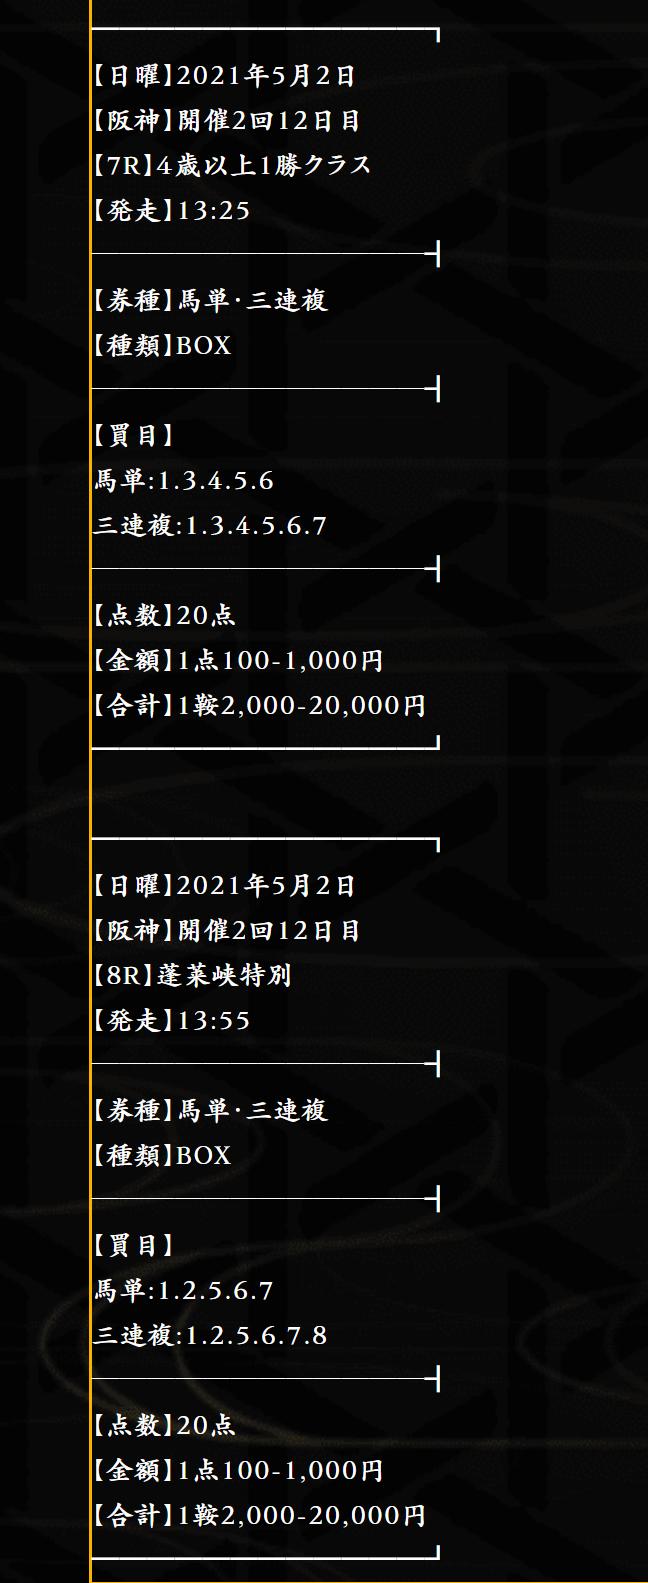 5月1日麒麟の無料情報「阪神7R』